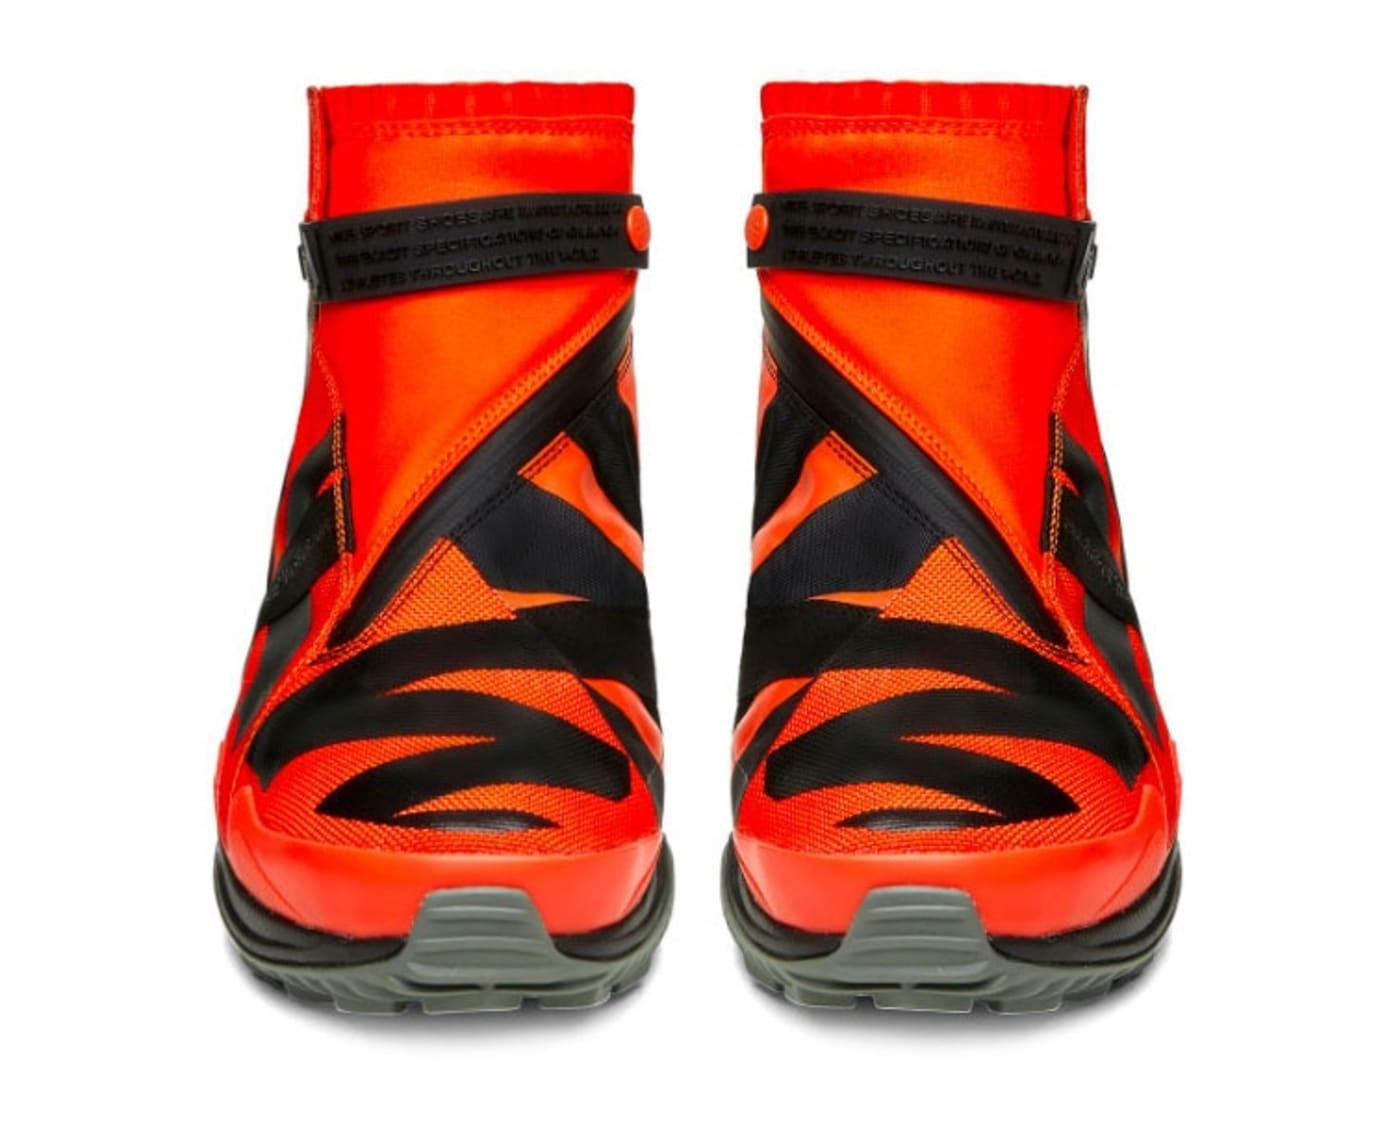 NikeLab Gyakusou Gaiter Boot 'Vivid Orange' (Toe)